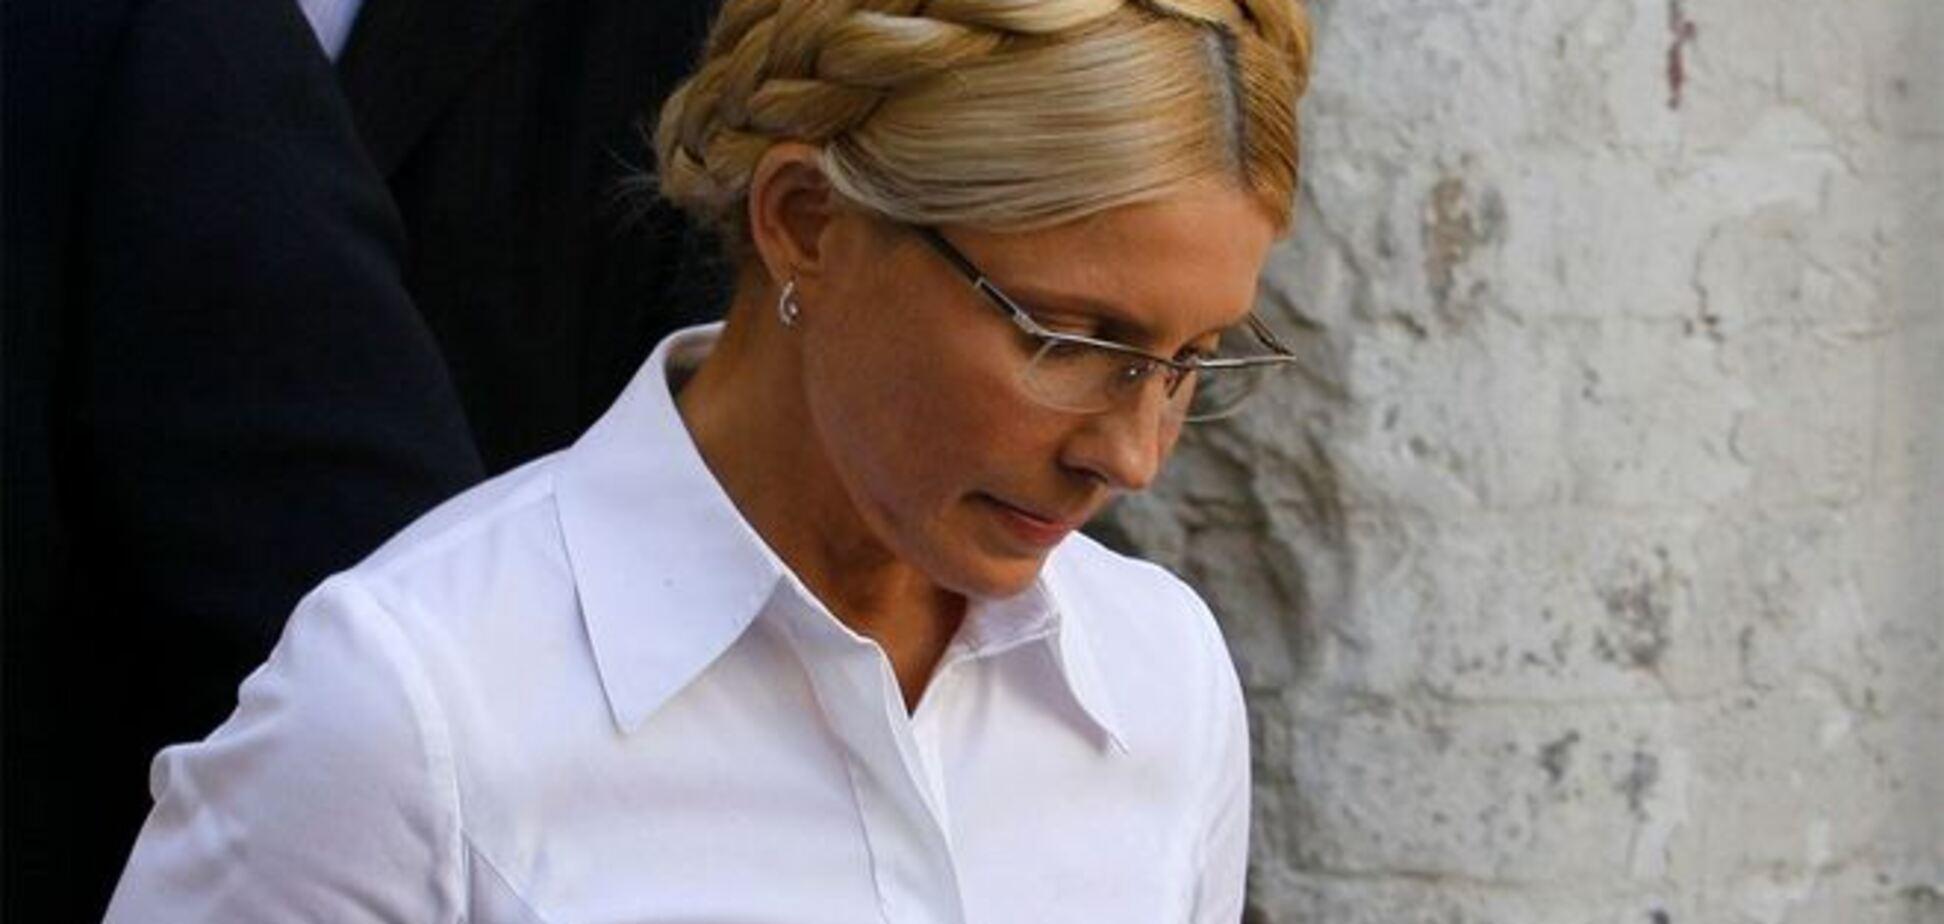 Агент ФБР полностью подтвердил слова Кузьмина о Тимошенко